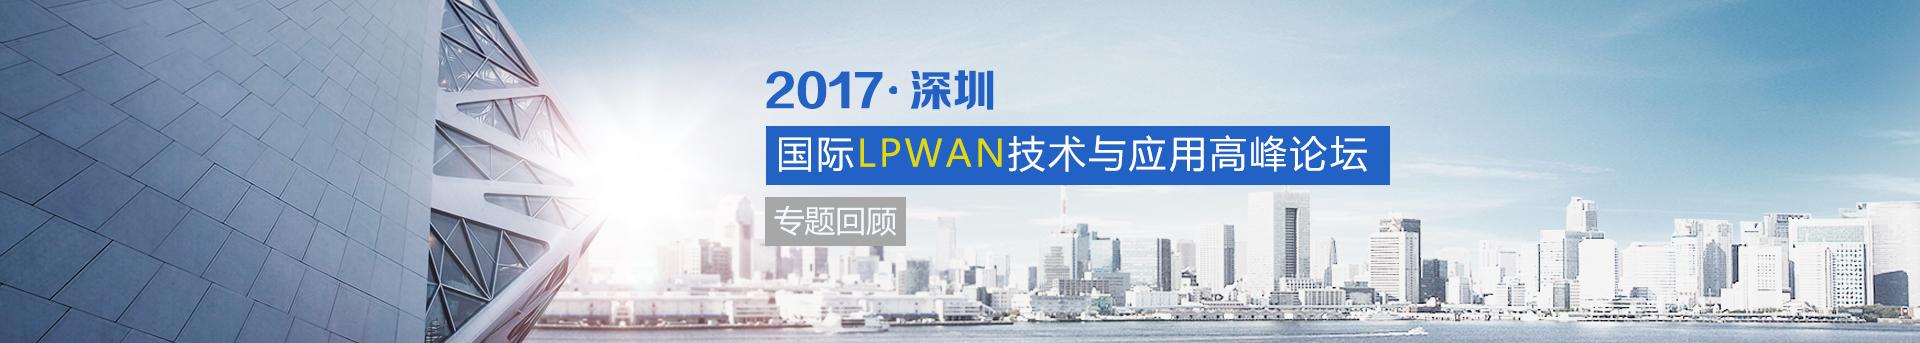 2017深圳国际LPWAN技术与应用高峰论坛专题回顾